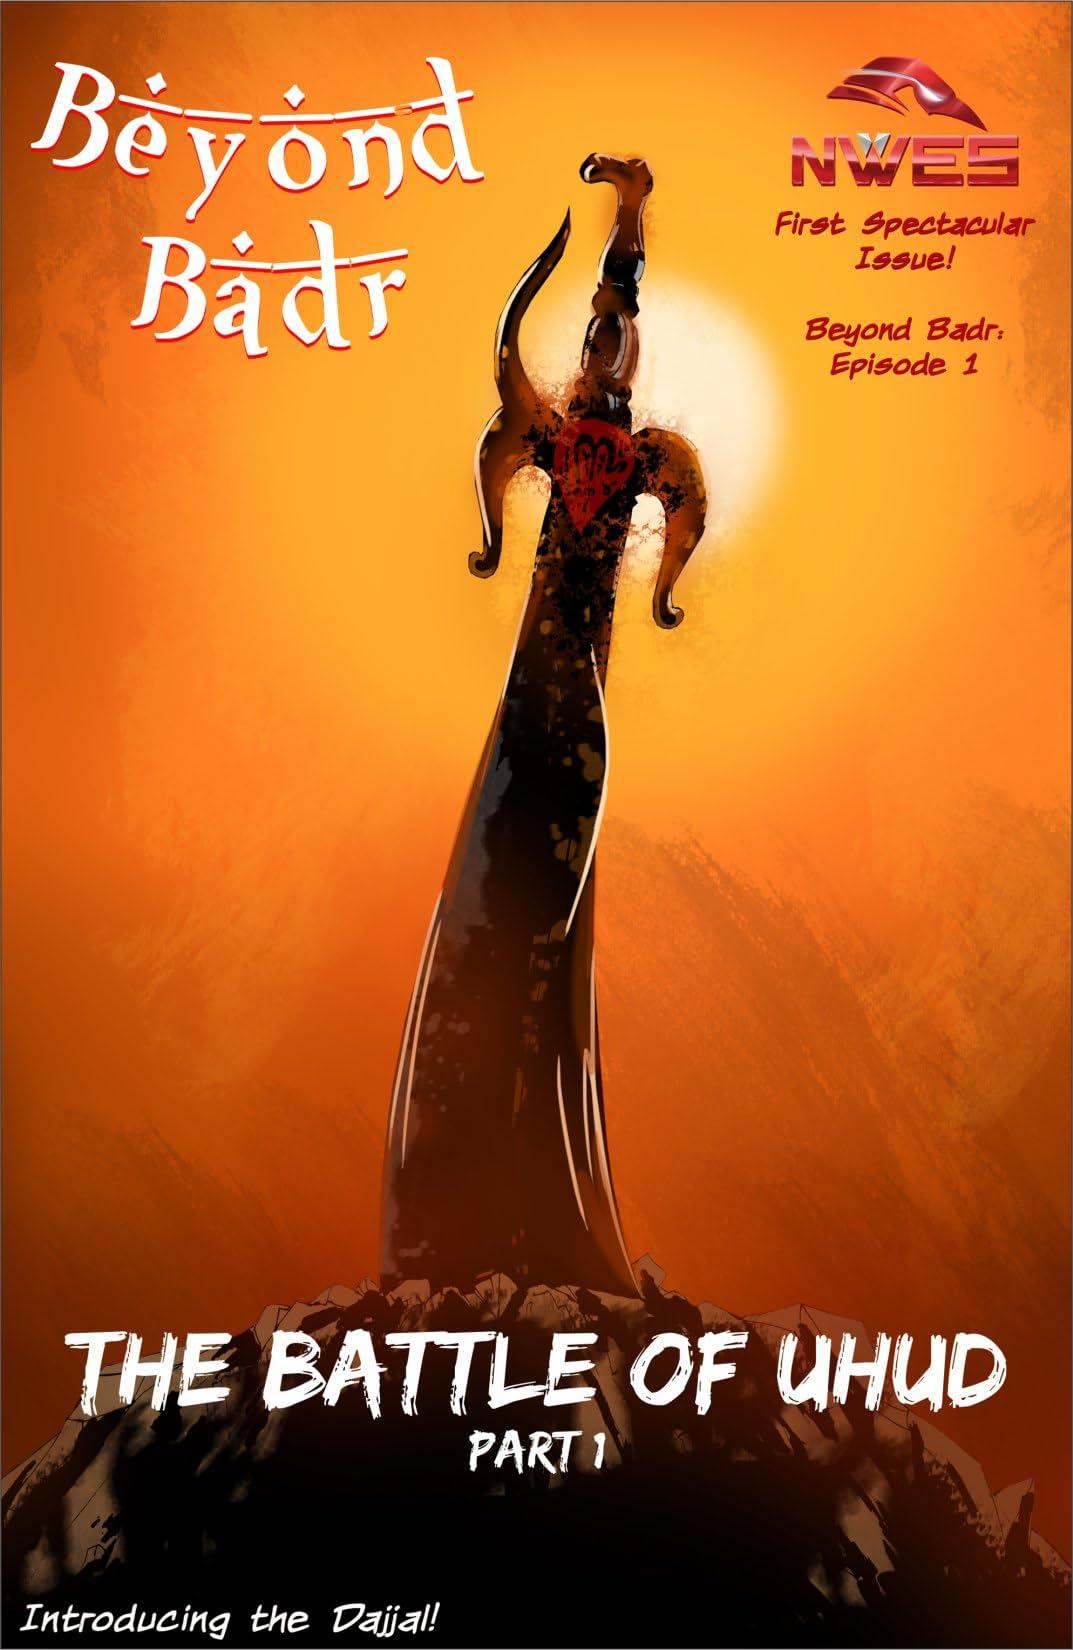 Beyond Badr #1